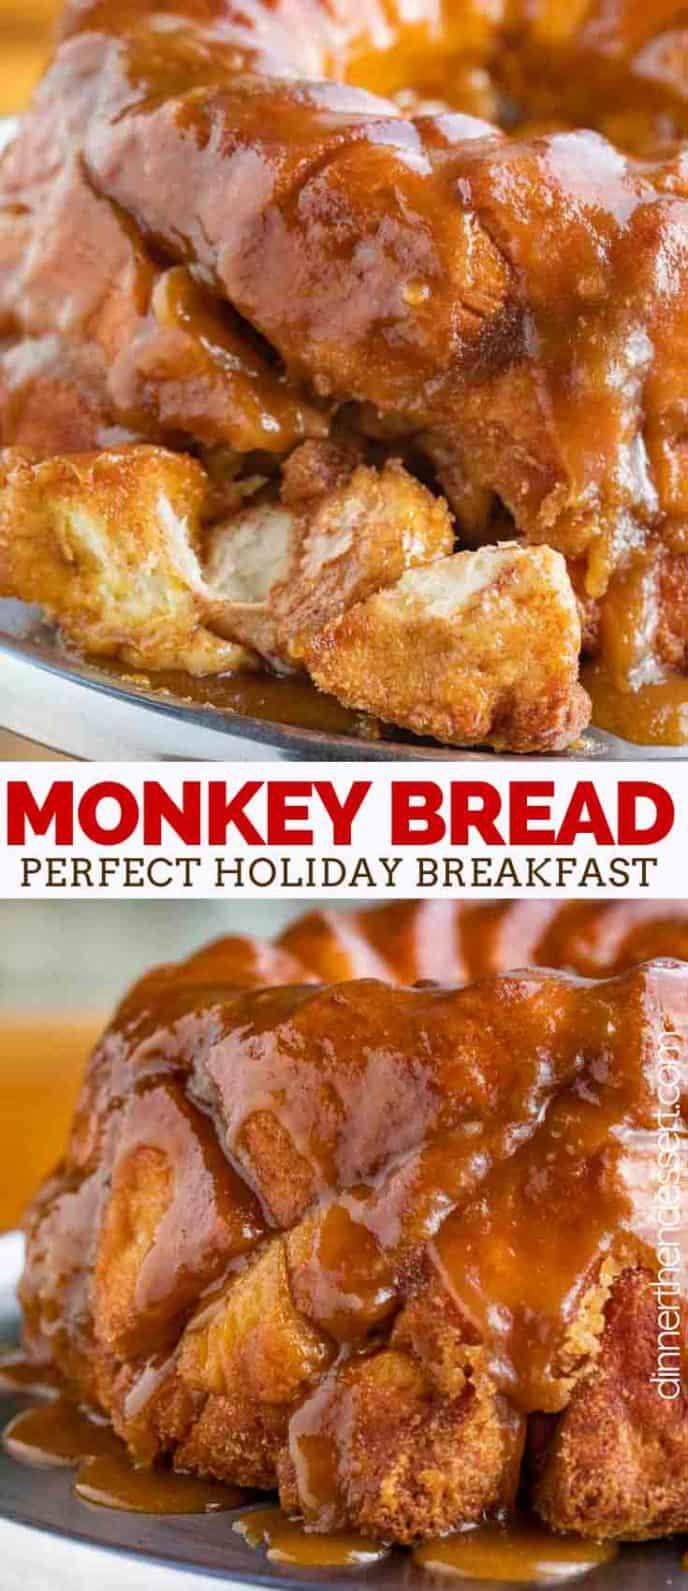 Quick Monkey Bread